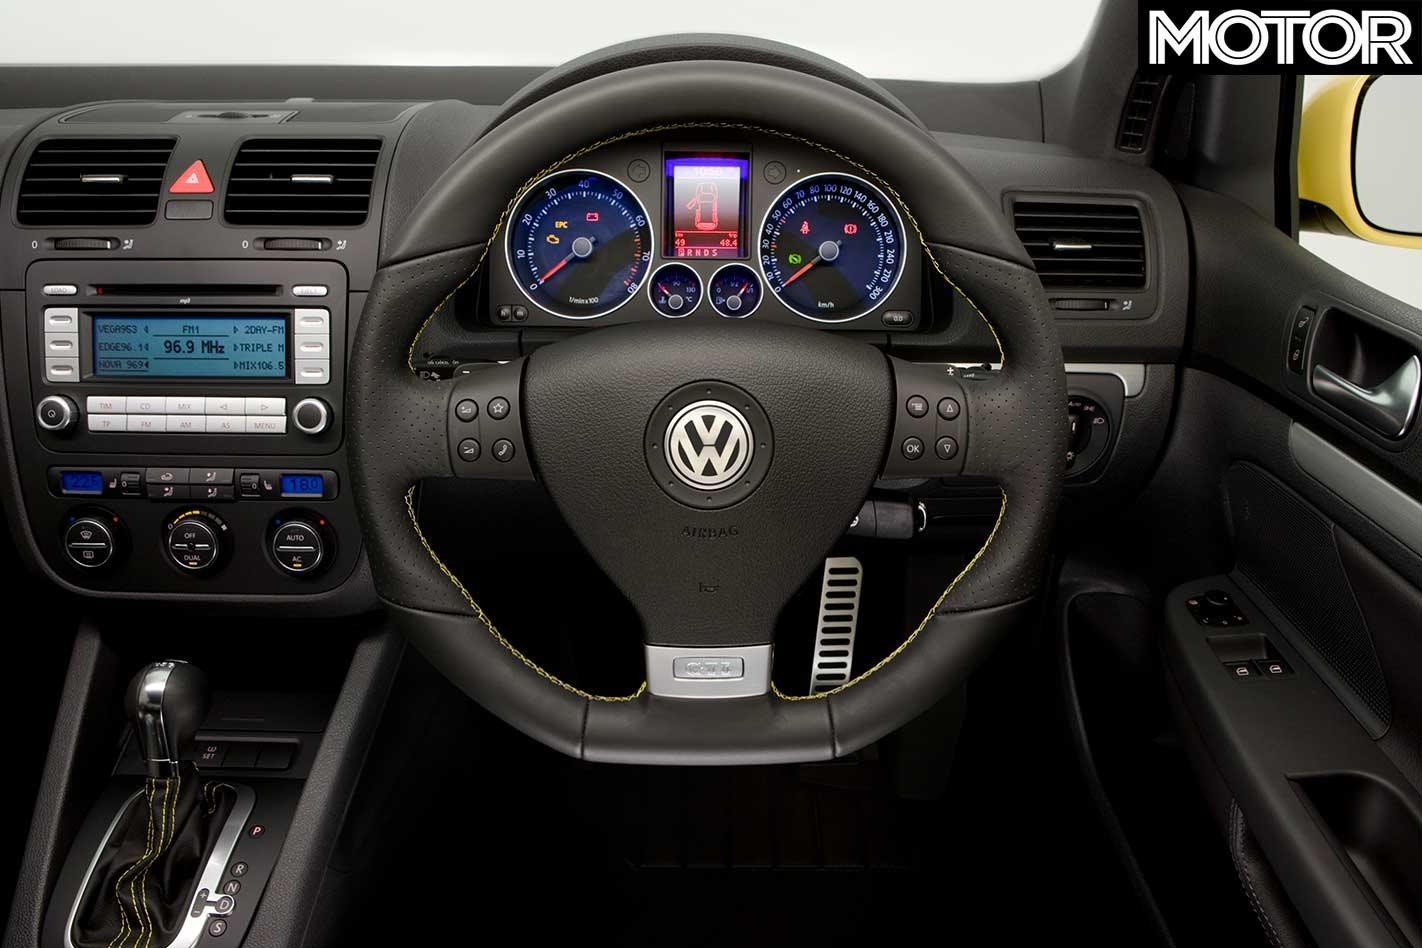 2008 Volkswagen Mk V Golf GTI Pirelli review: classic MOTOR